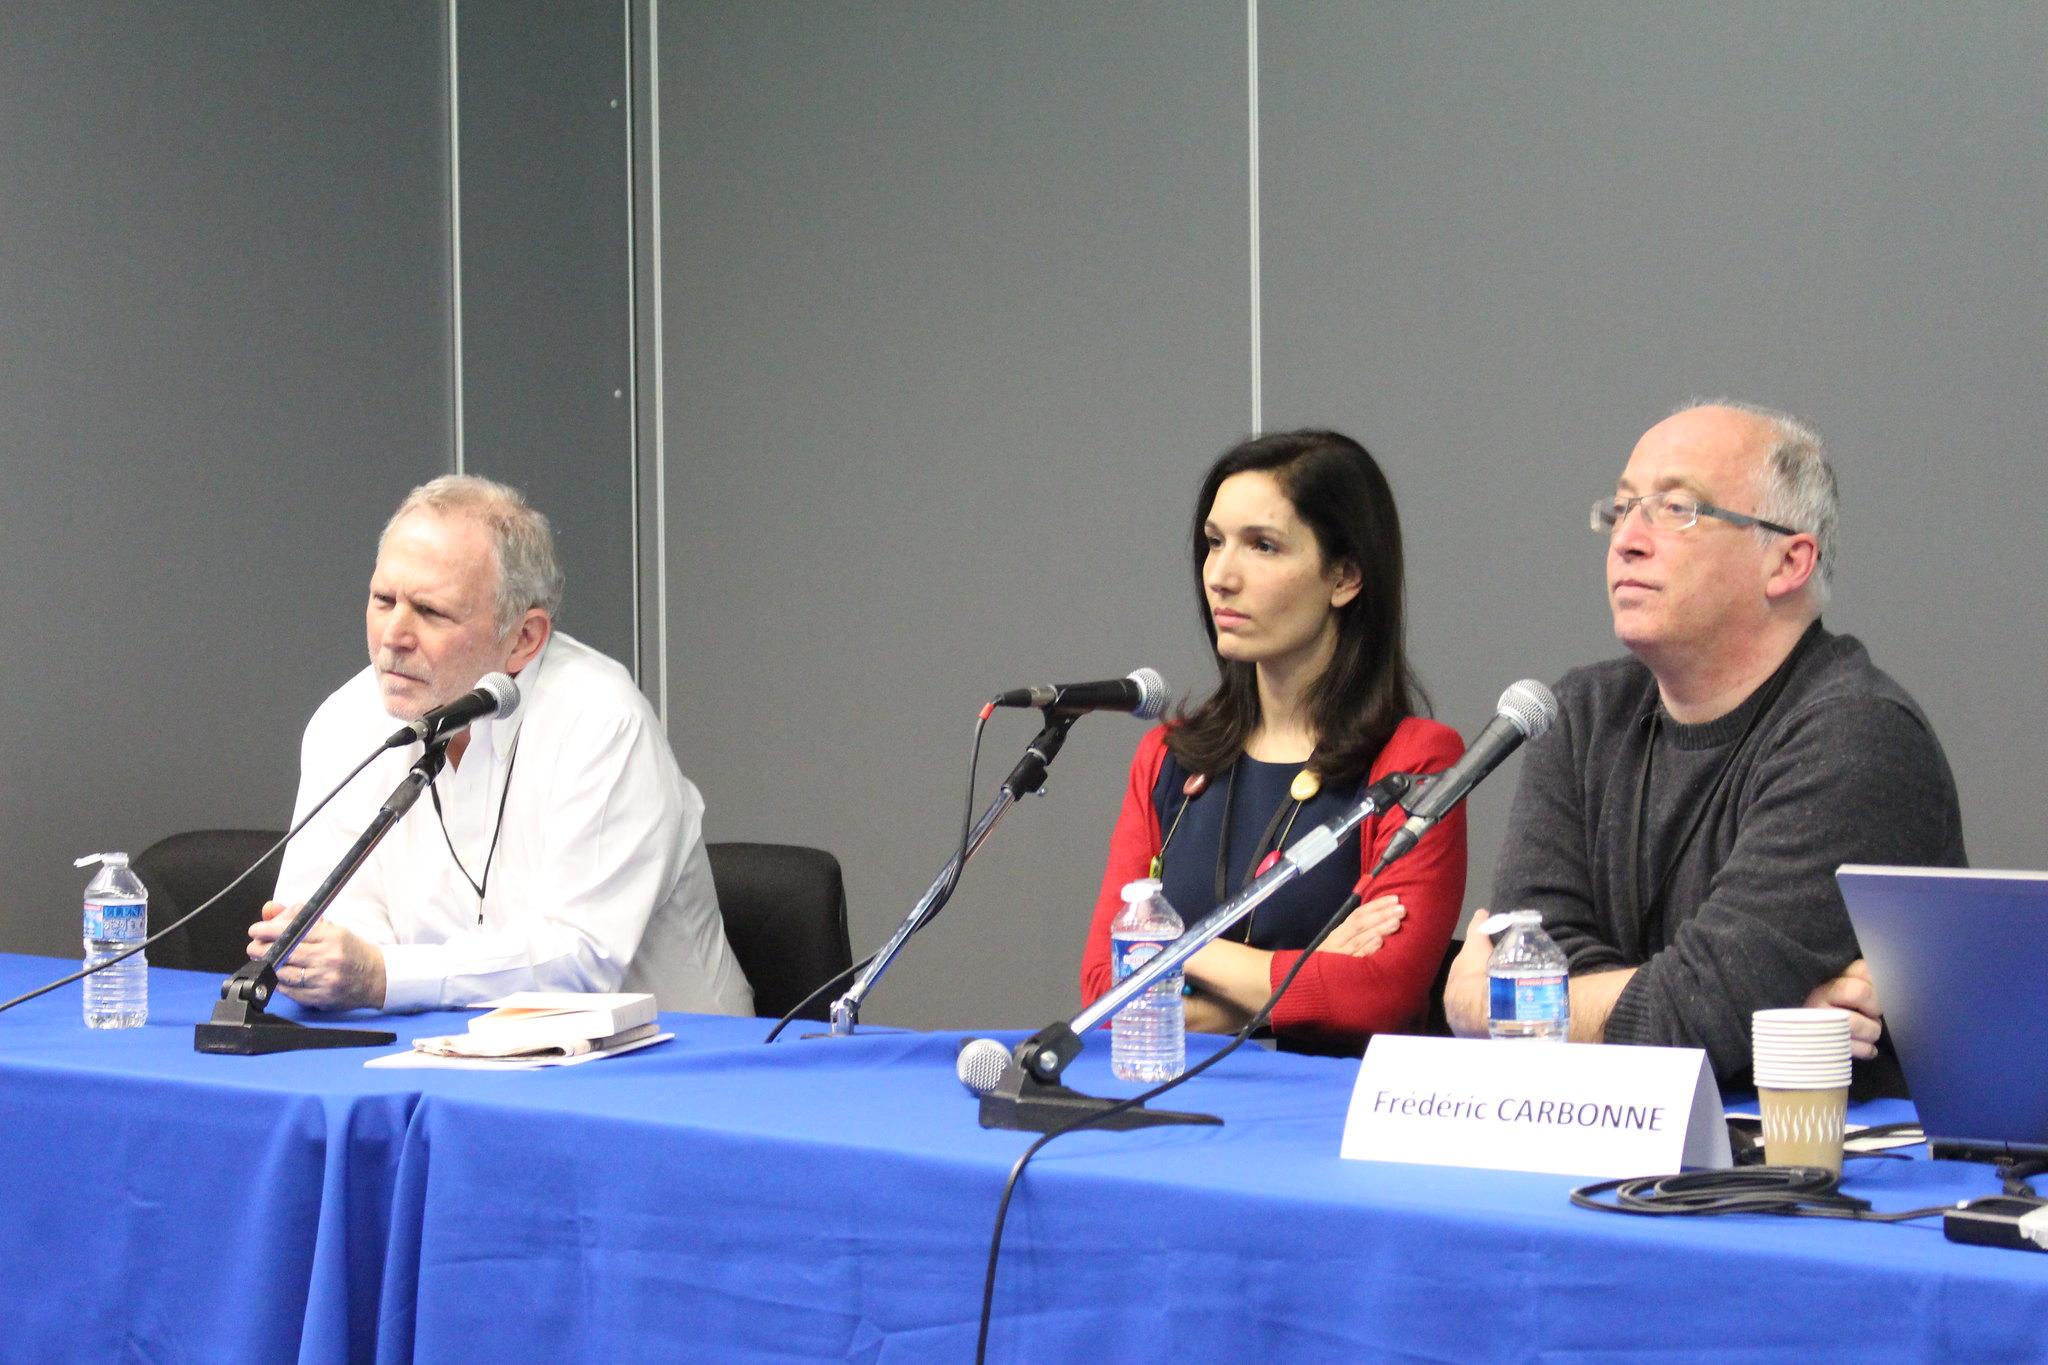 Delphine Minoui et Bernard Guetta, journalistes témoins de l'histoire. Photo : Thomas Cuny